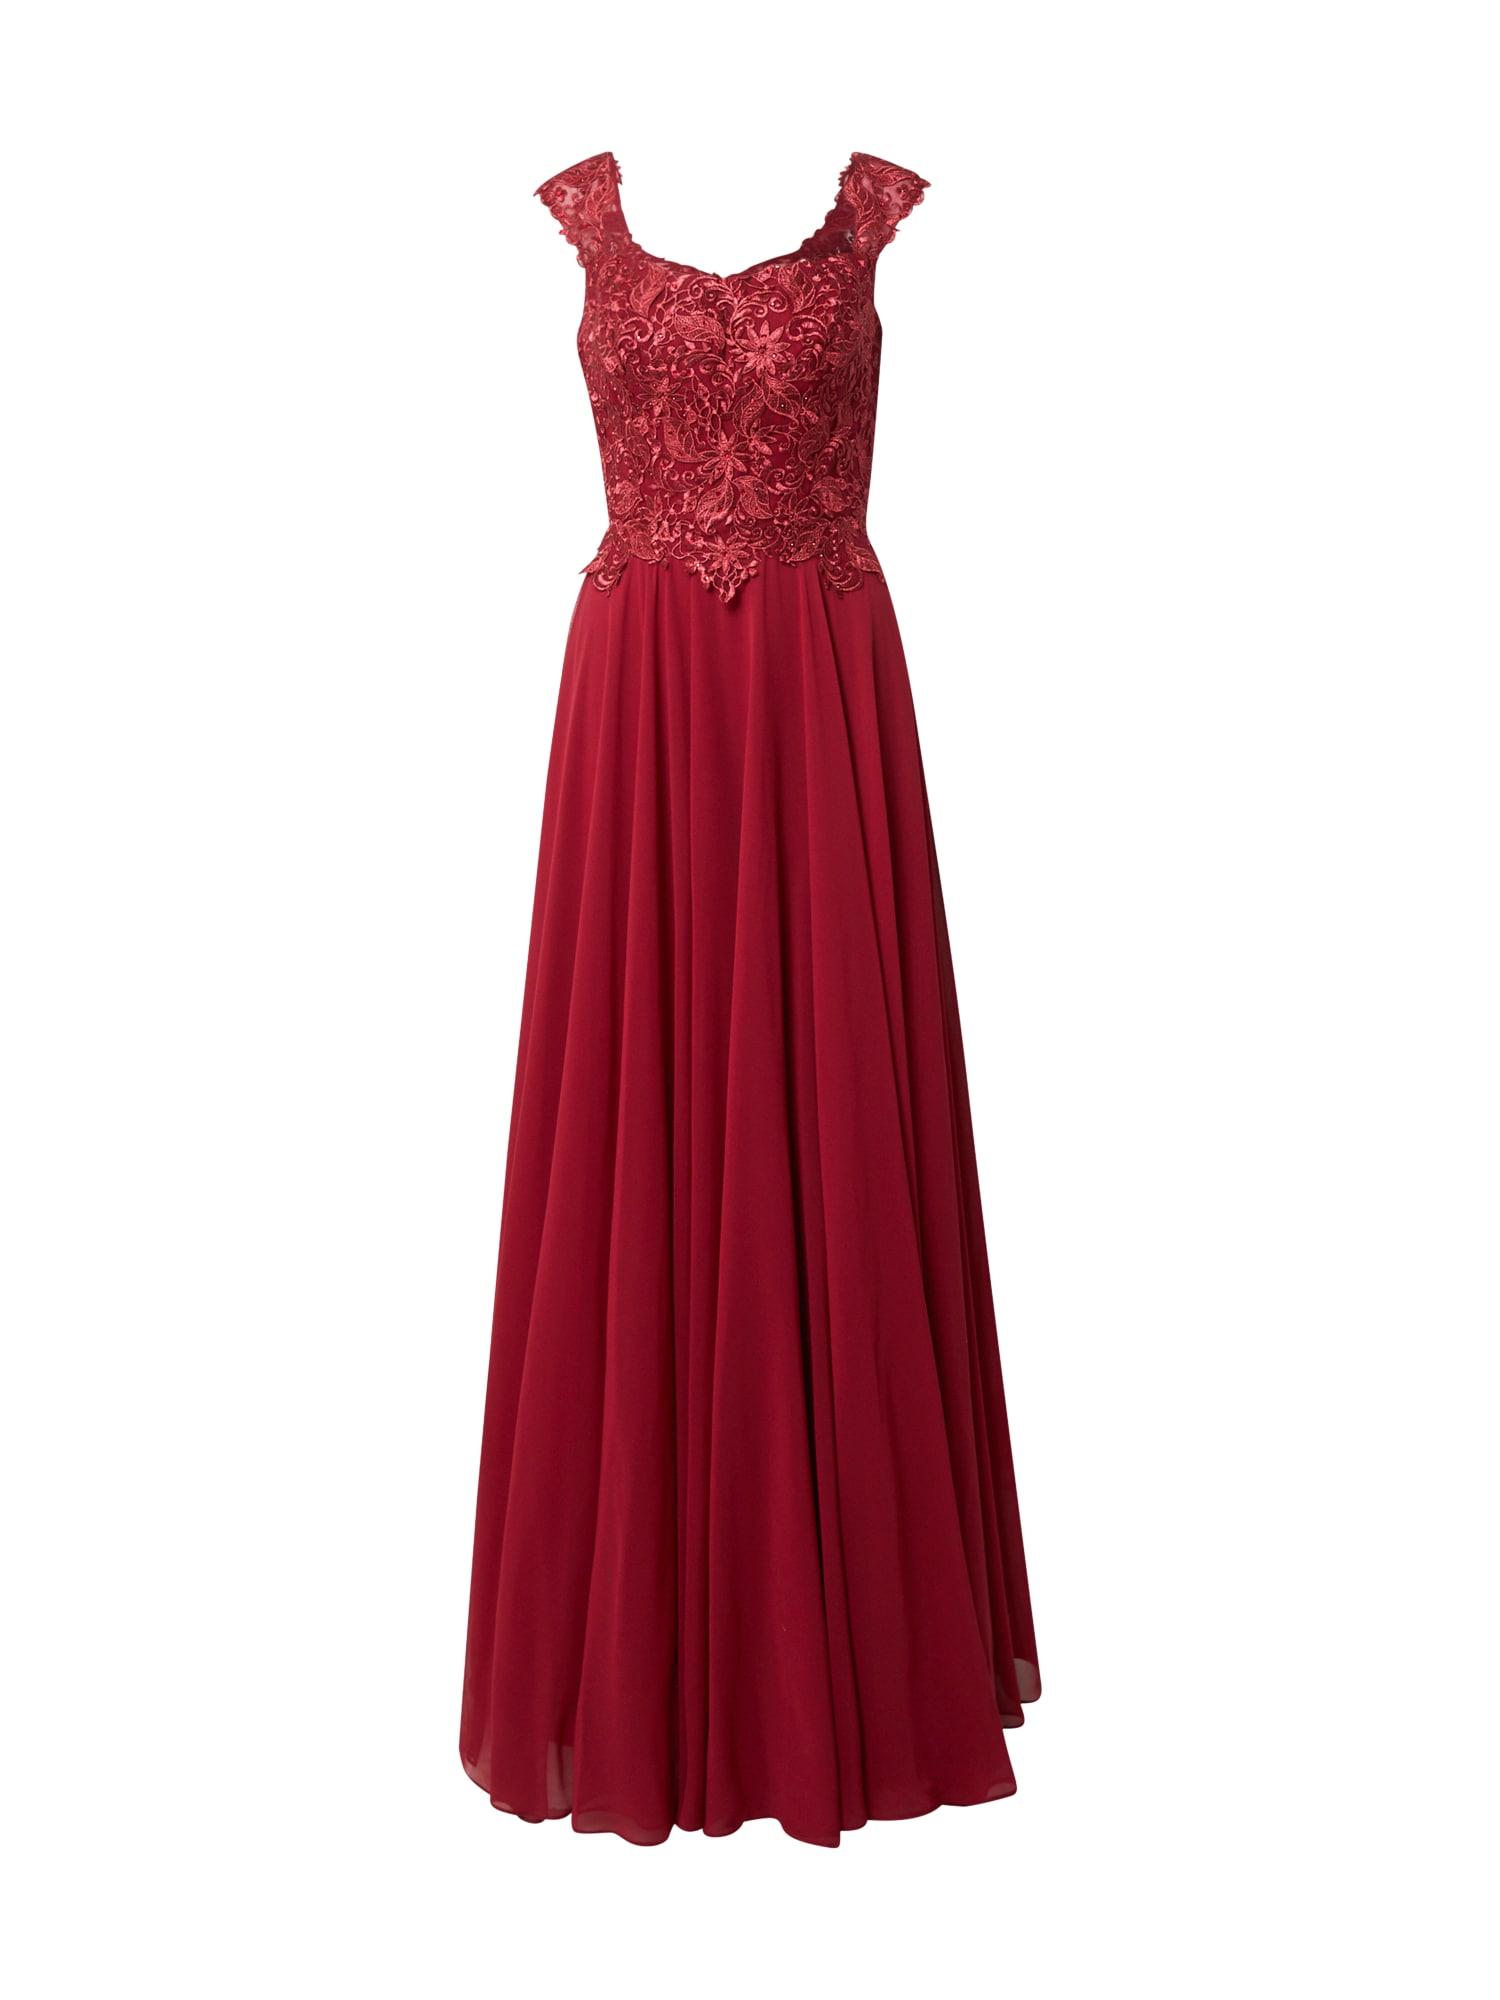 LUXUAR Vakarinė suknelė vyno raudona spalva